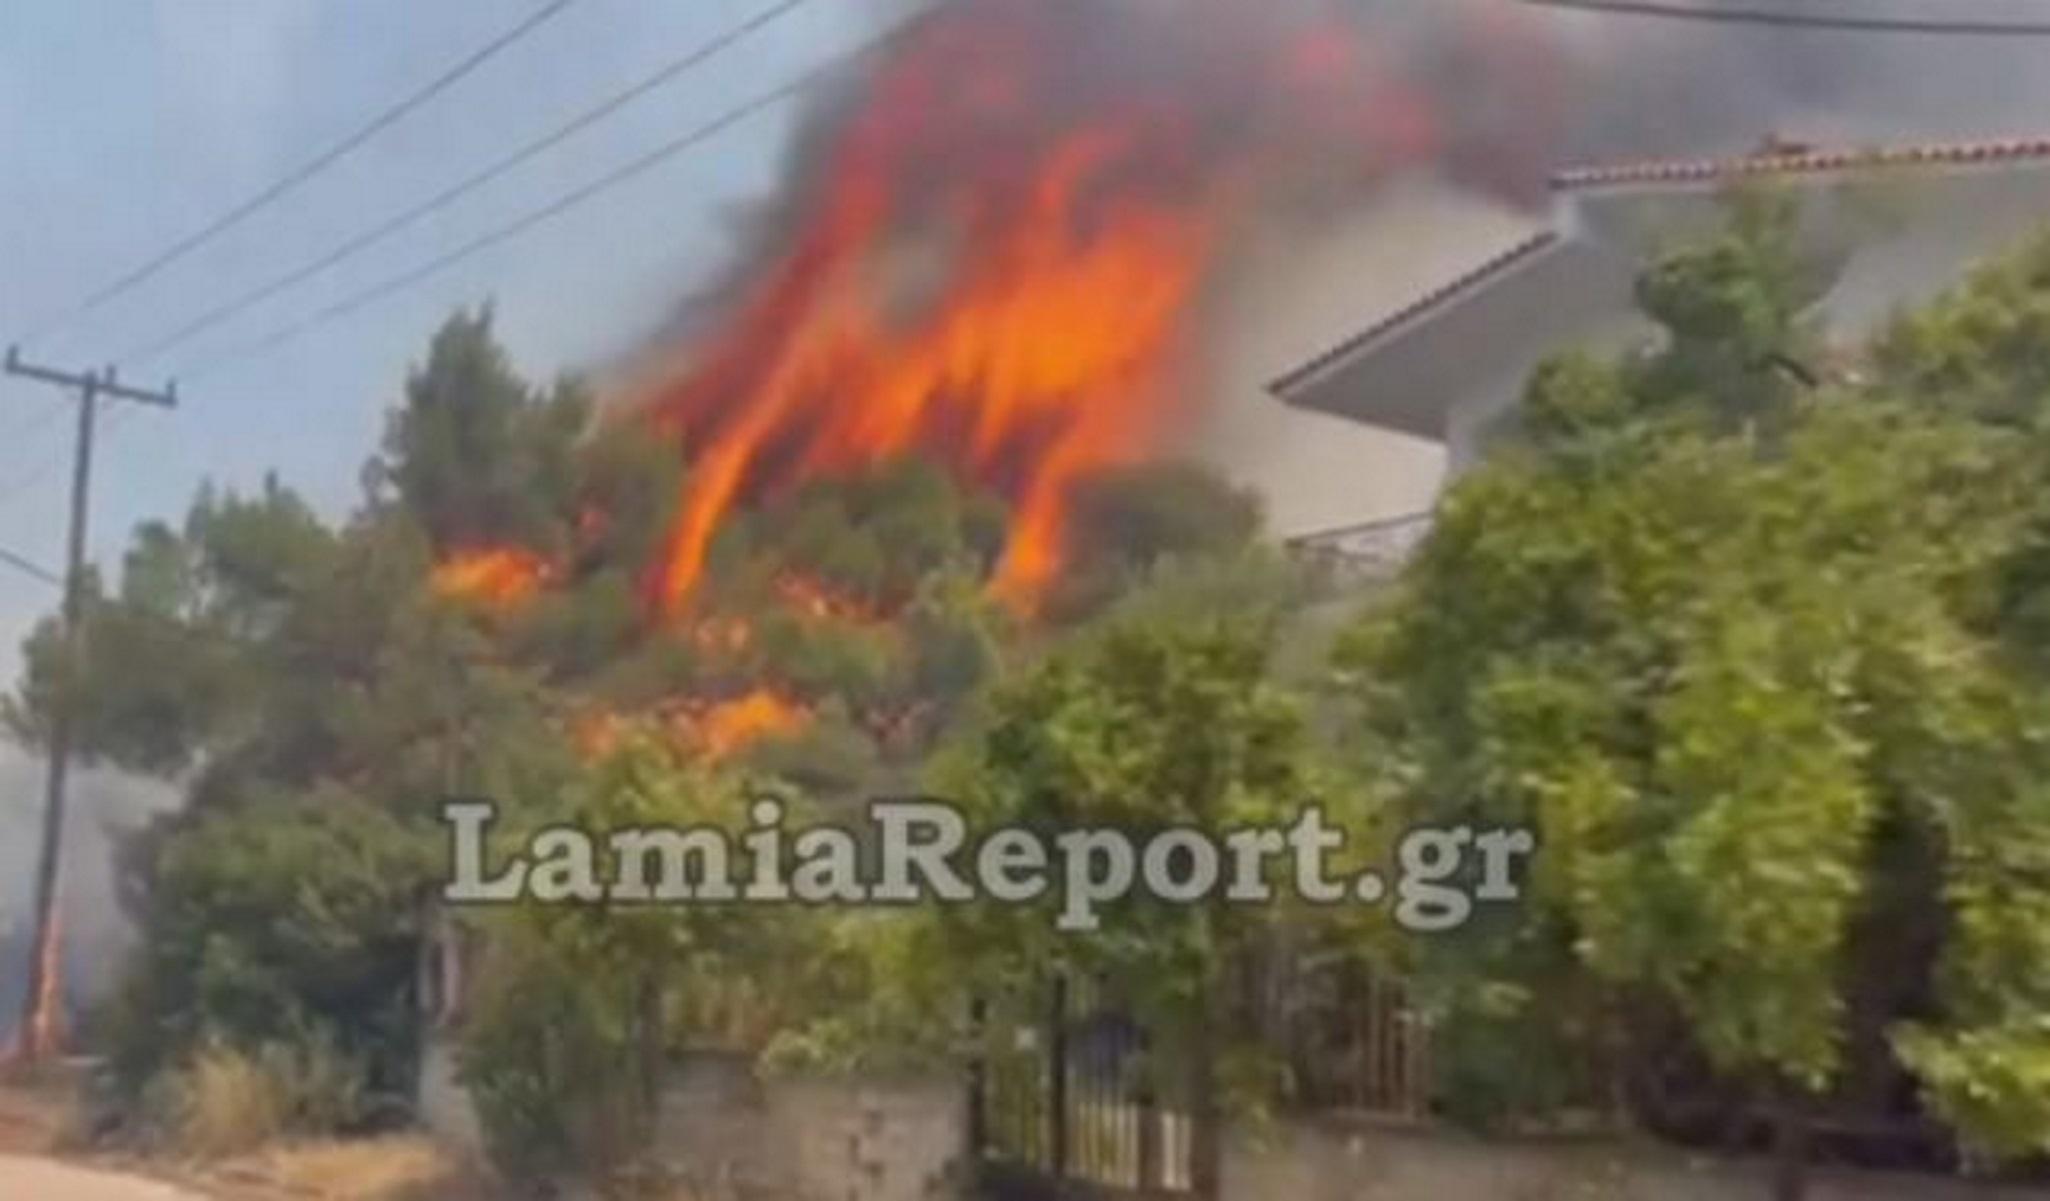 Φωτιές στον Θεολόγο: Ανακρίνεται ένας 14χρονος  για μπαράζ εμπρησμών στην περιοχή